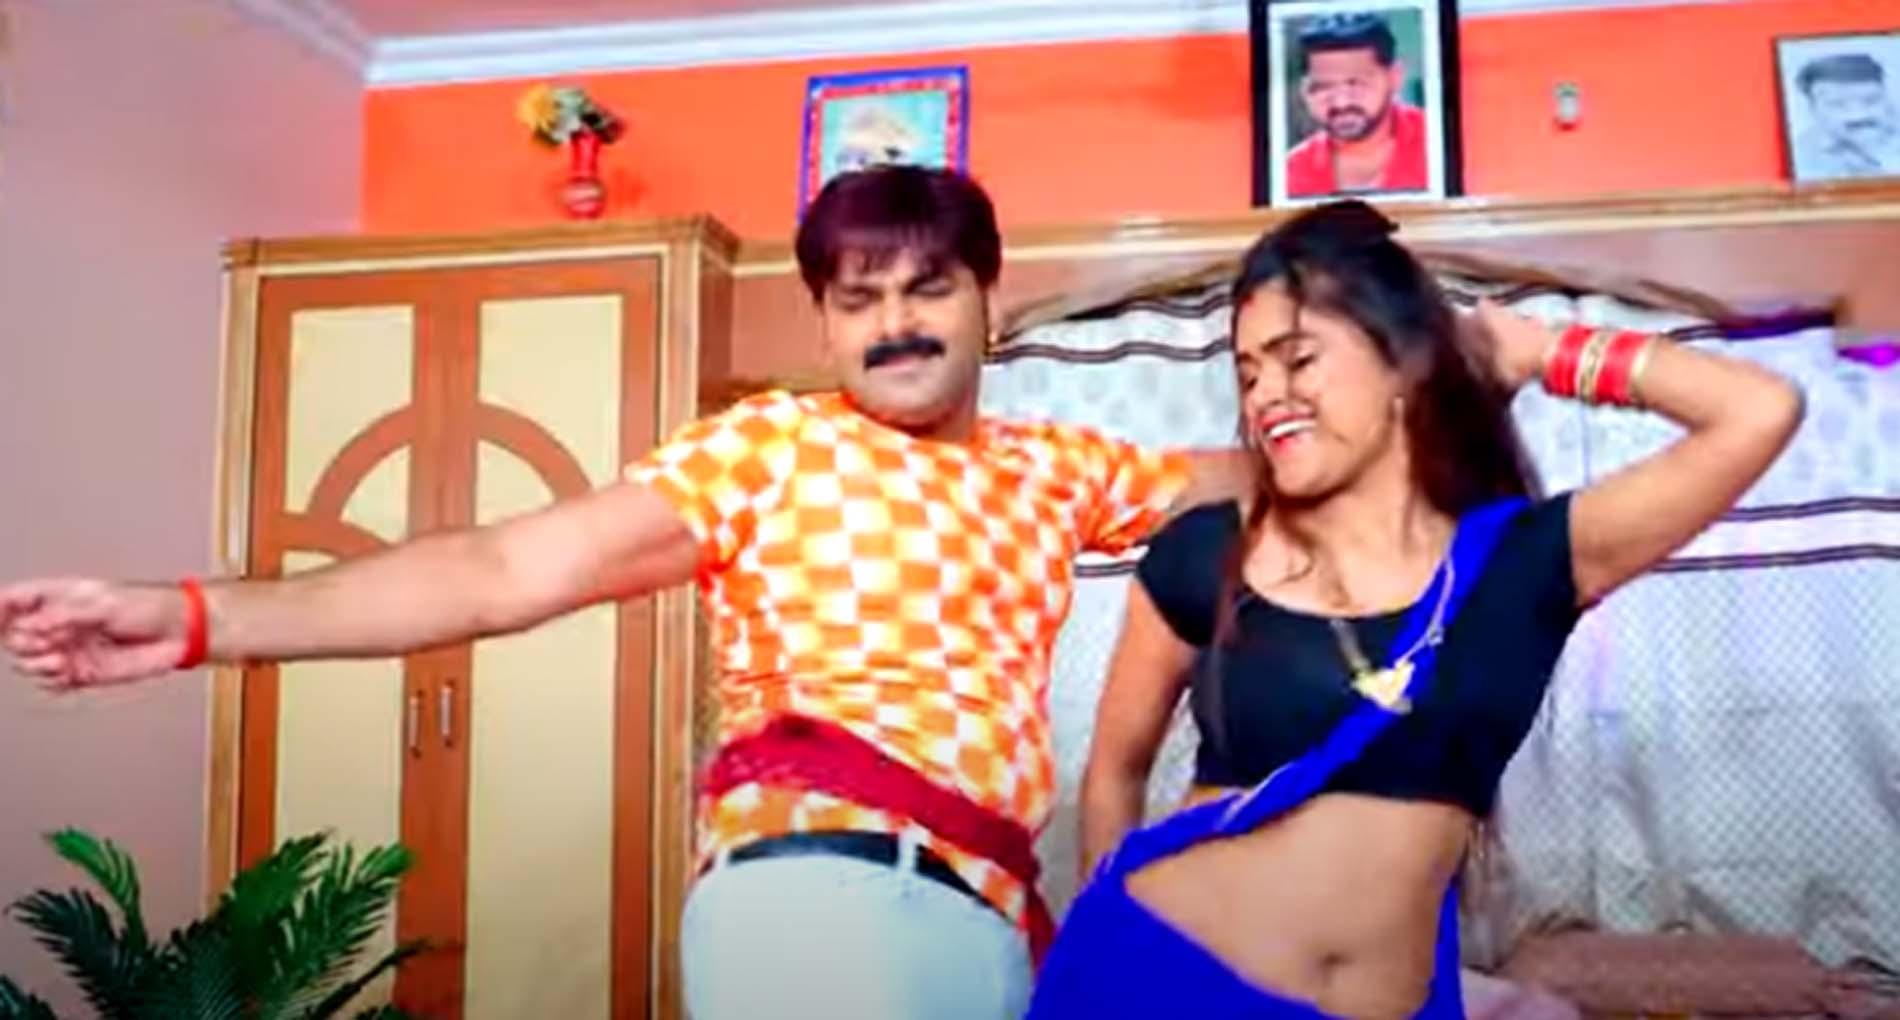 Pawan Singh Hit Song: पवन सिंह का धमाल, जमकर सुना जा रहा 'मीठा मीठा बाथे कमरिया' गाना